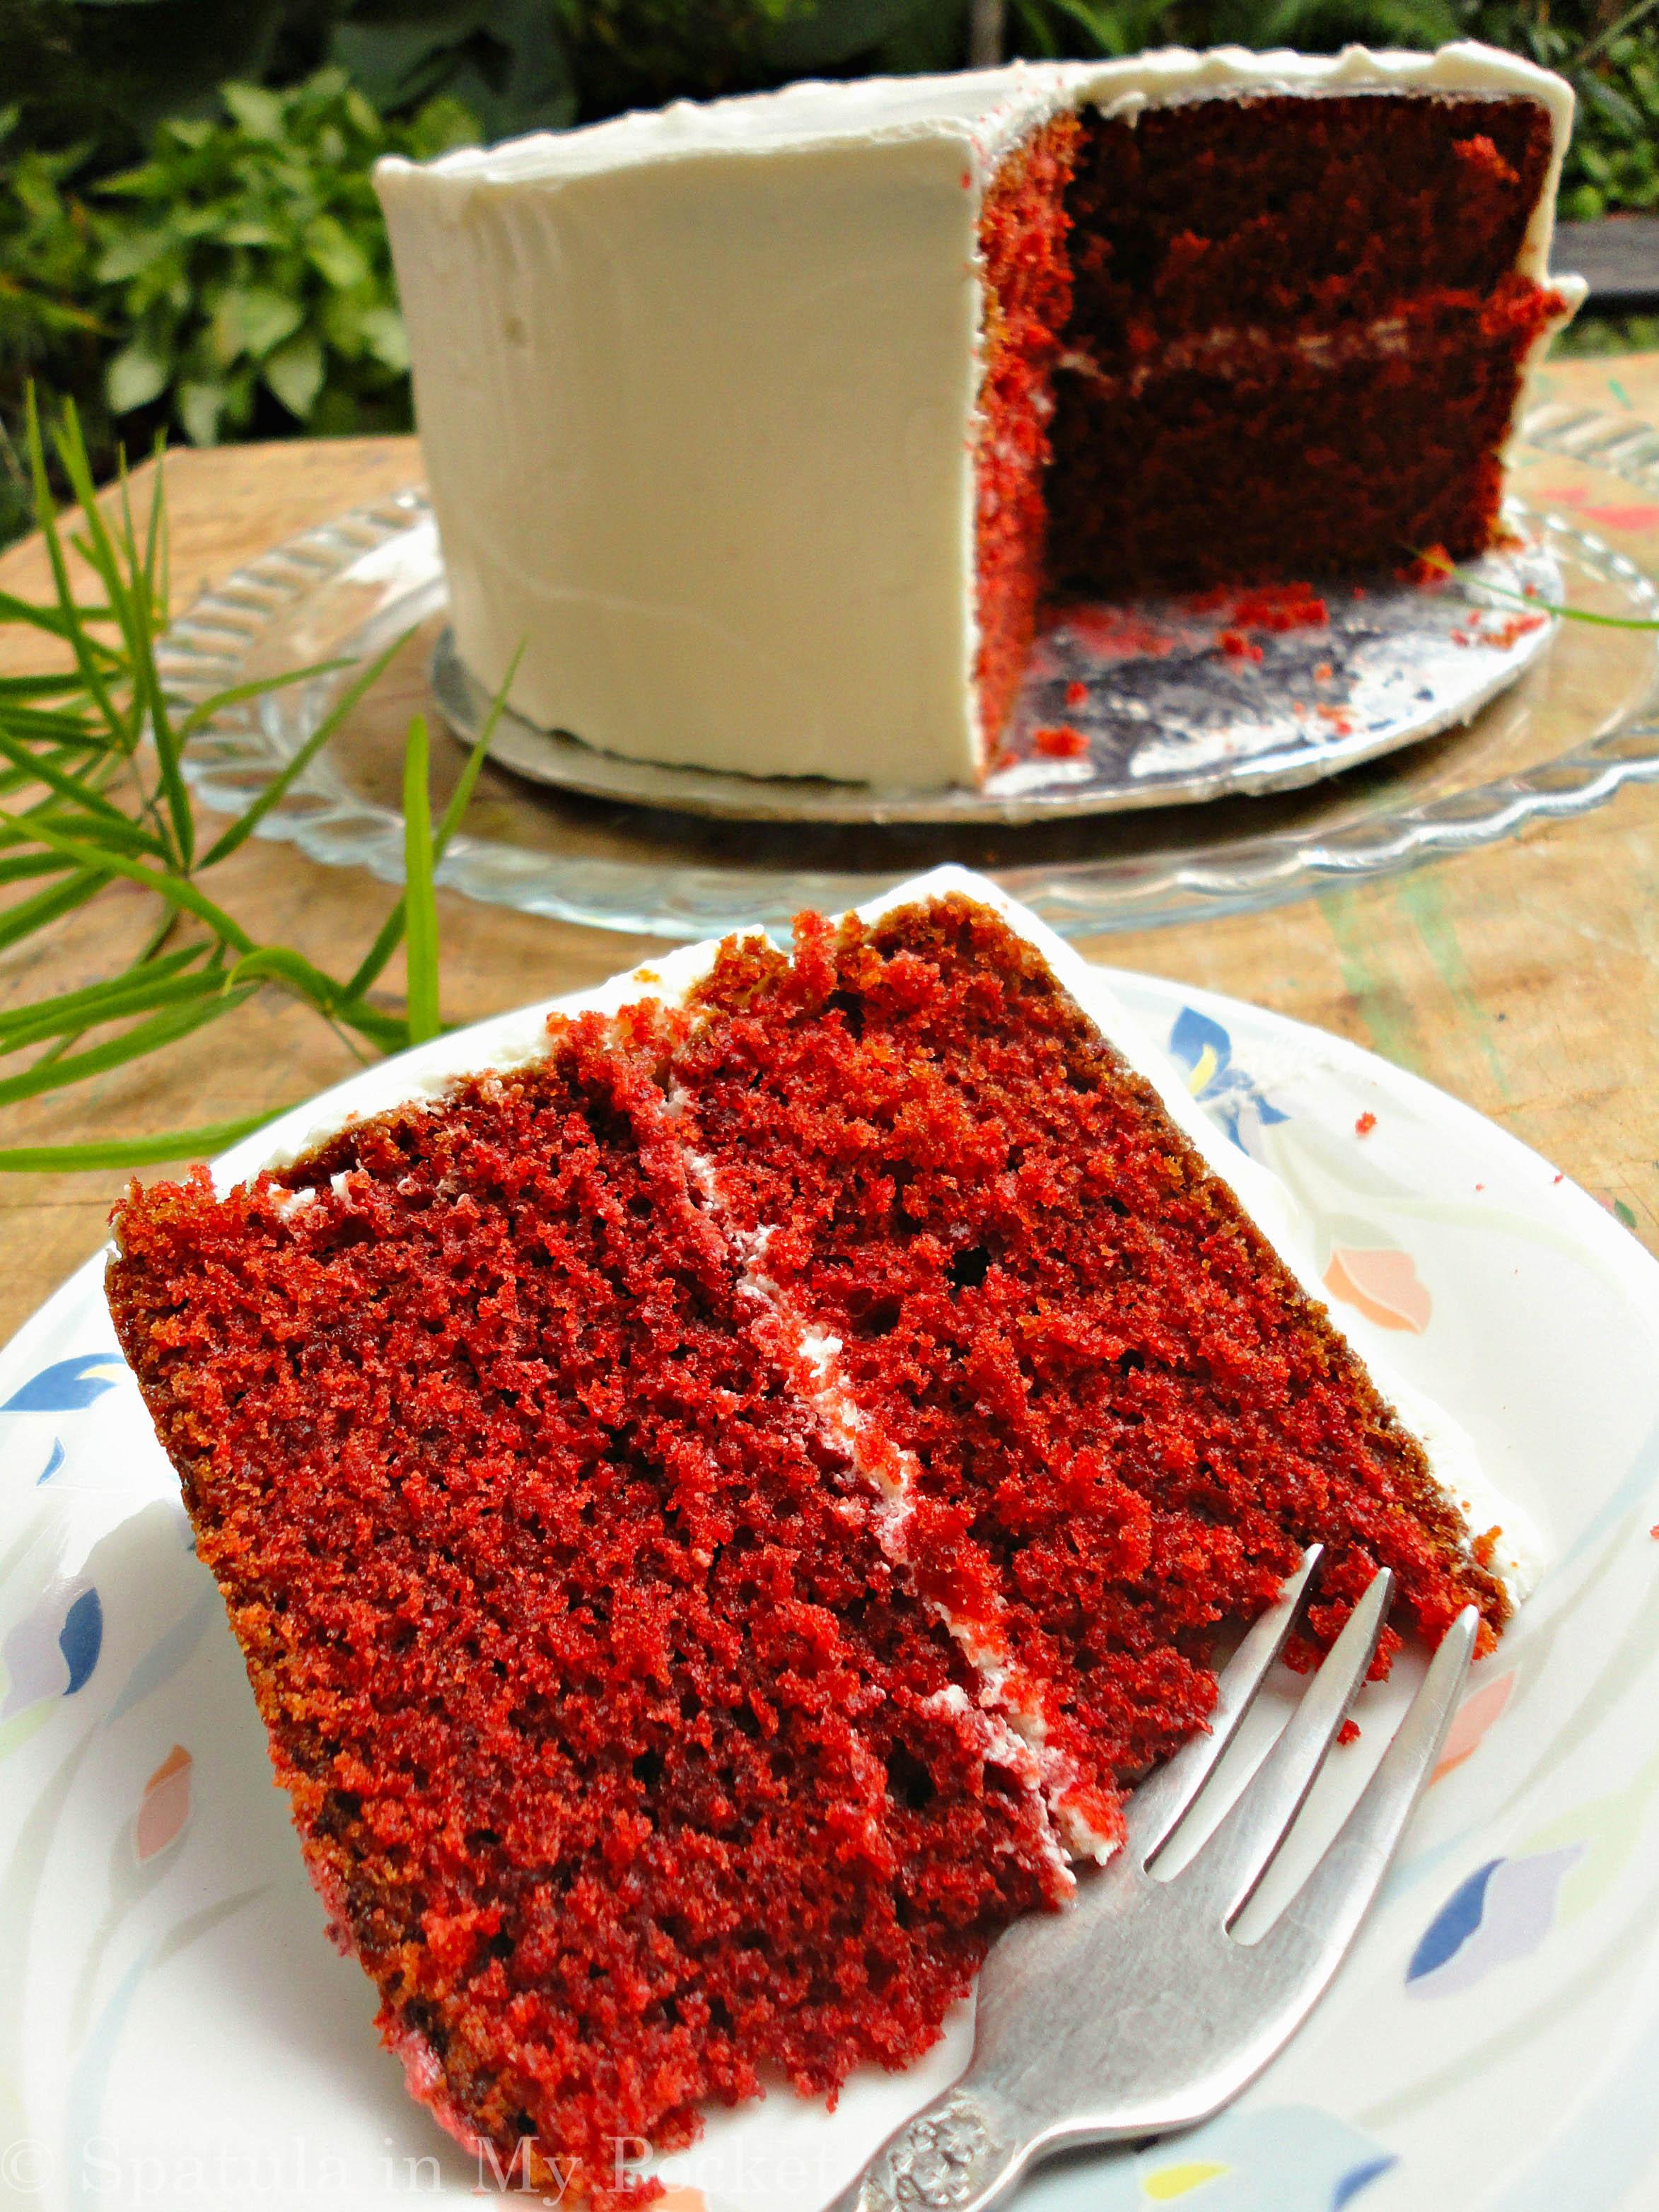 I need a recipe for red velvet cake